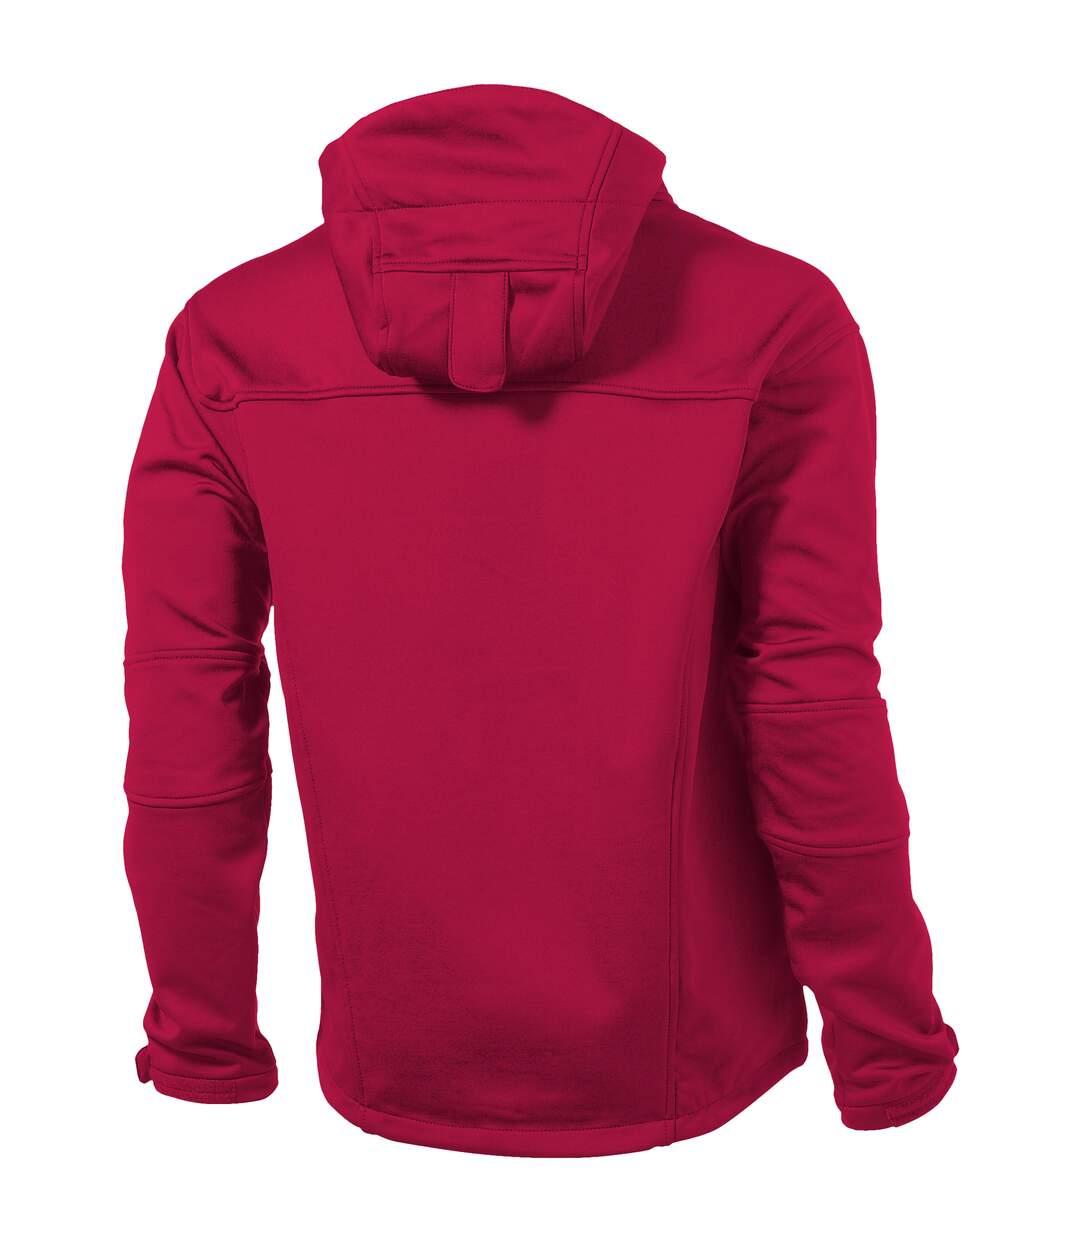 Slazenger - Veste Softshell Match - Homme (Rouge) - UTPF1771